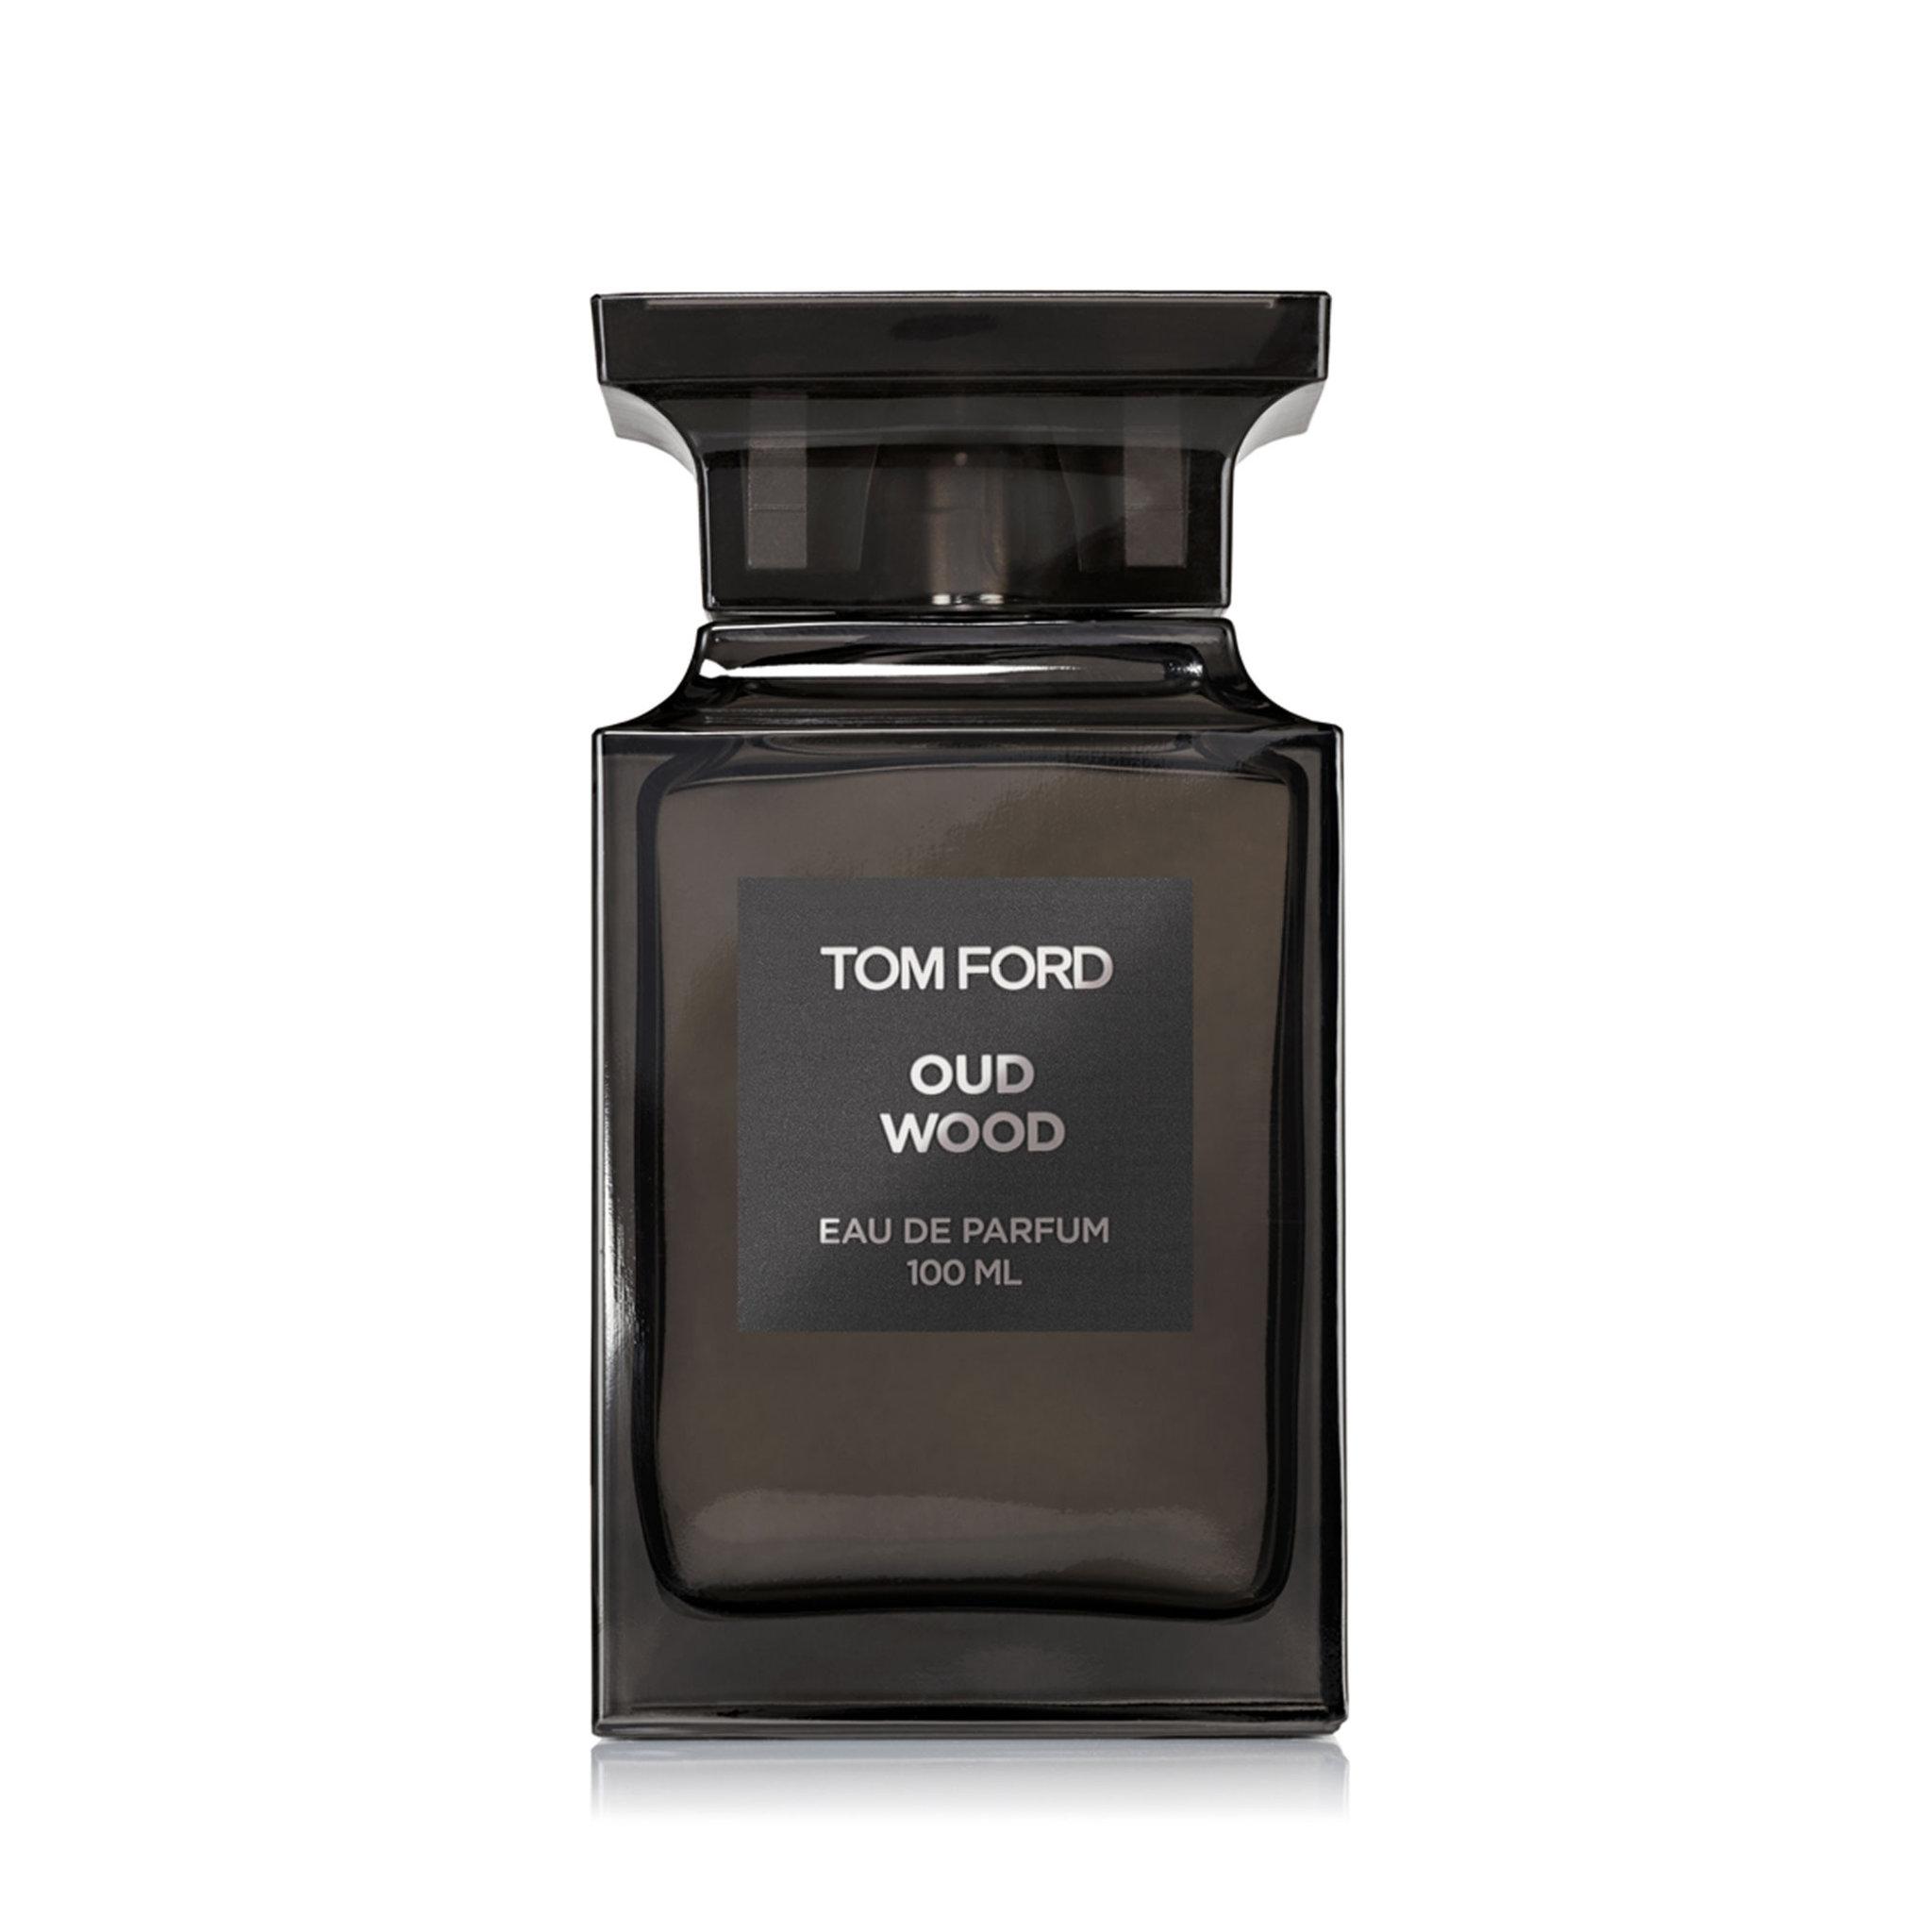 Oud Wood EdP, 100 ml, 100 ML